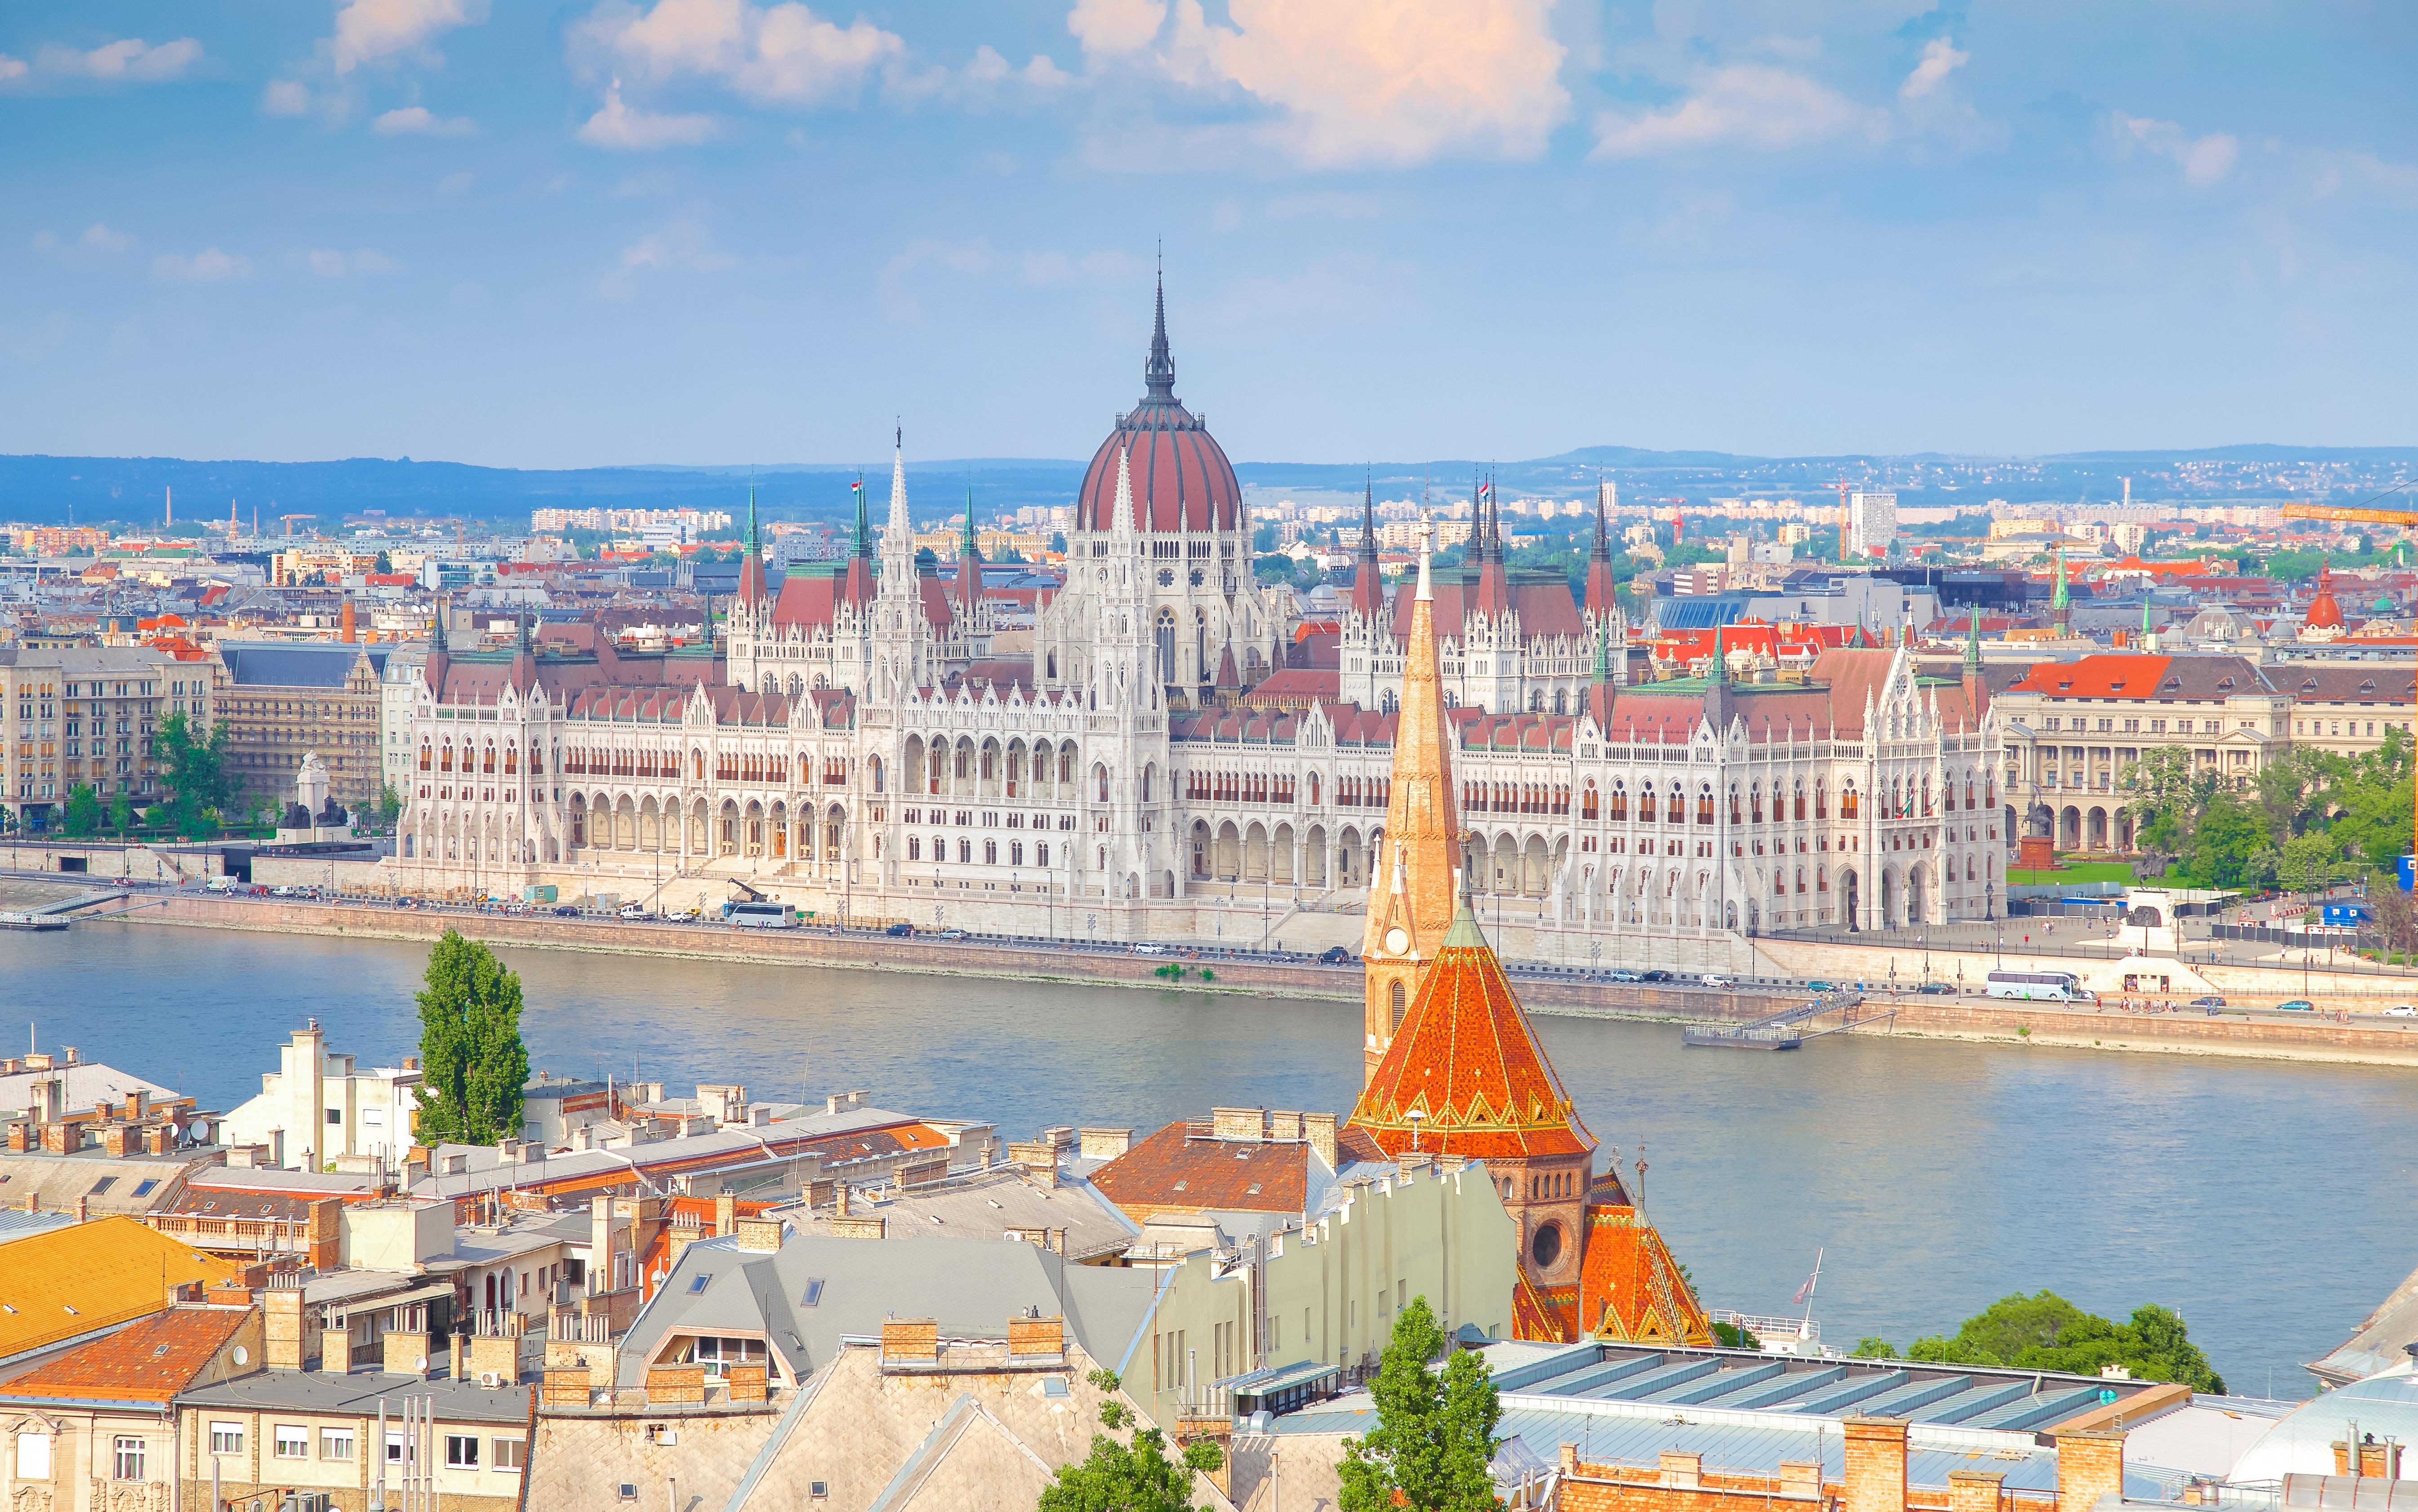 будапешт панорама міста